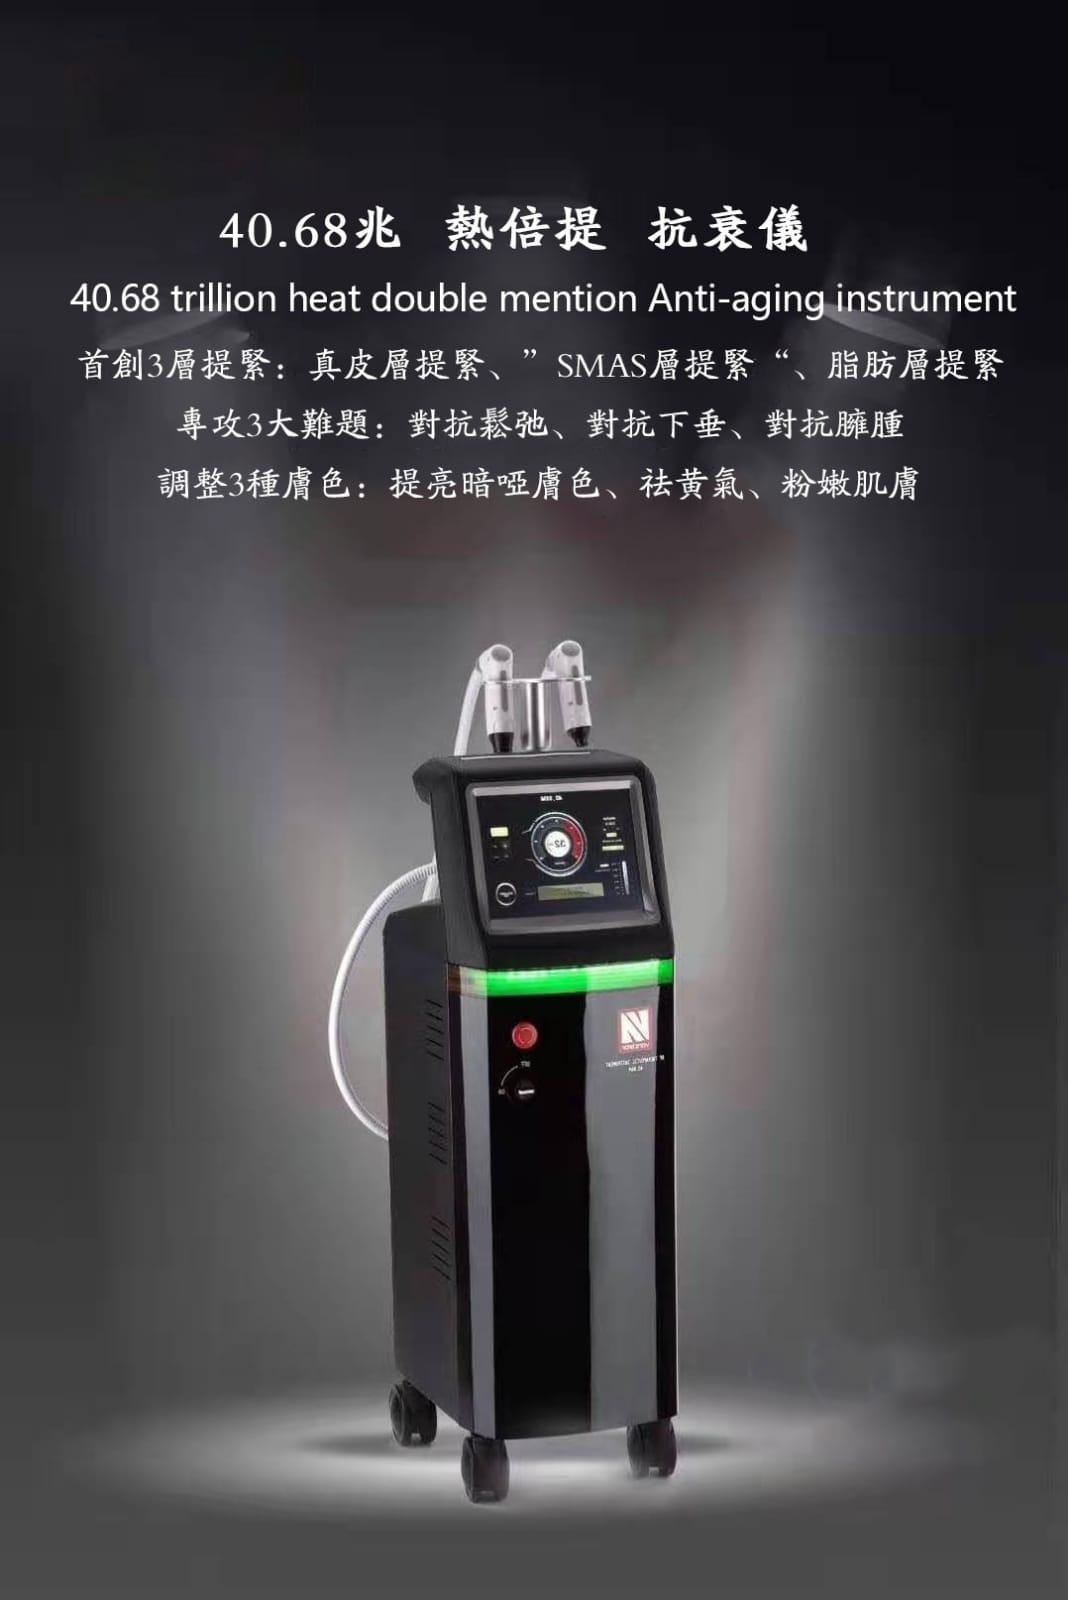 40.68兆熱倍提抗衰儀